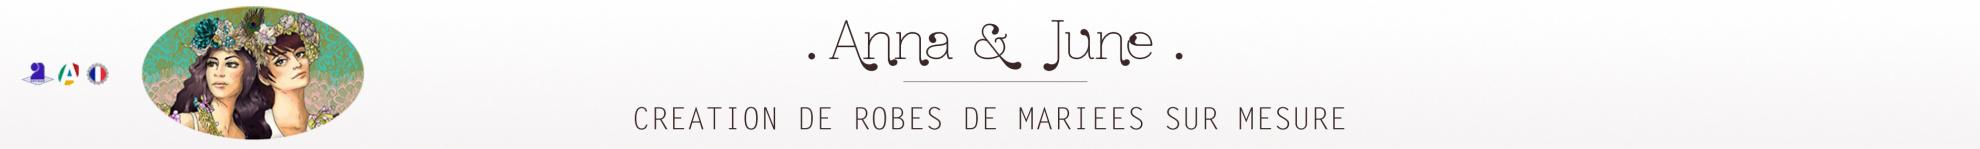 Anna & June, création de robes de mariées sur mesure haut de gamme